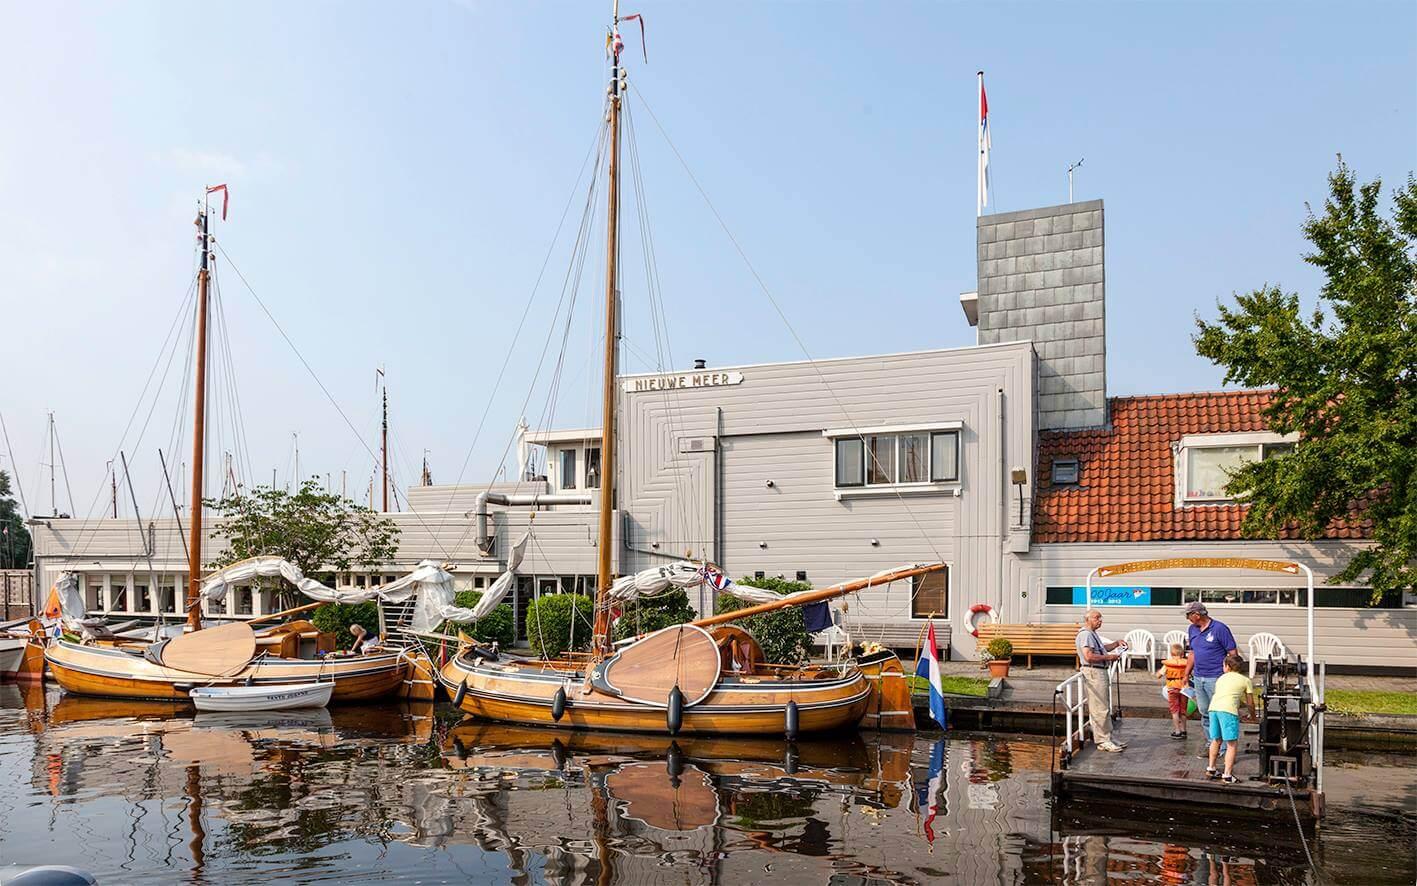 10. Restaurant in Aalsmeer: Brasserie Nieuwe Meer